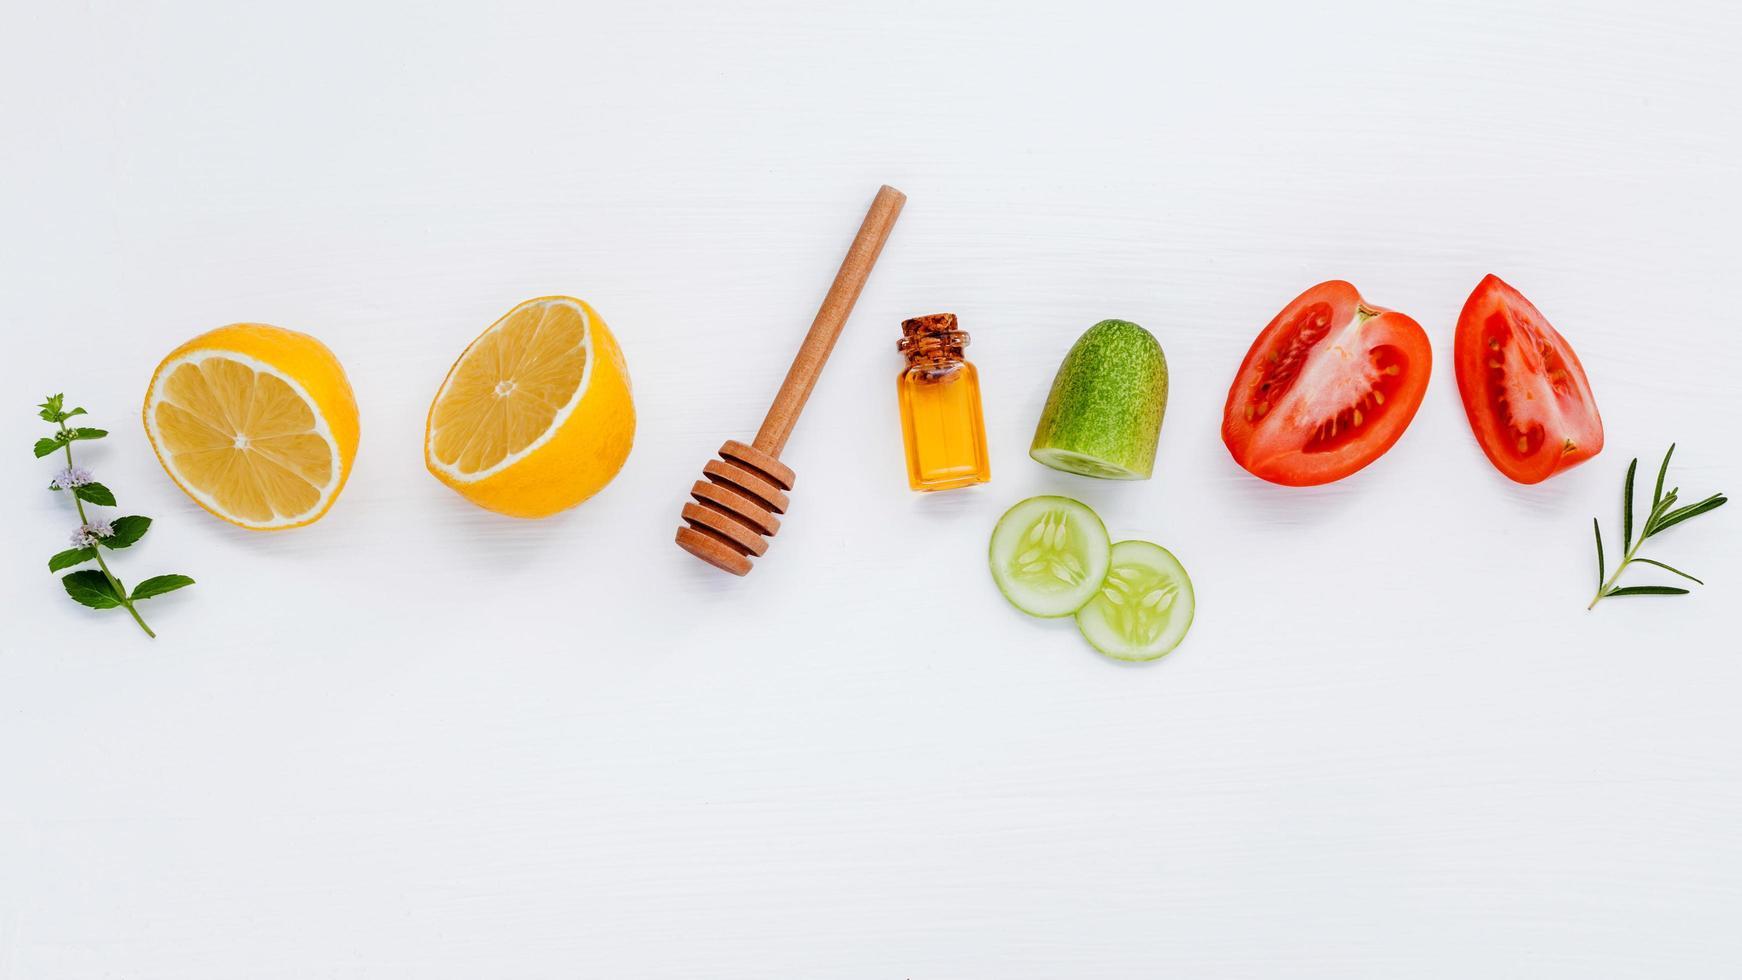 ingredientes frescos para el cuidado de la piel foto